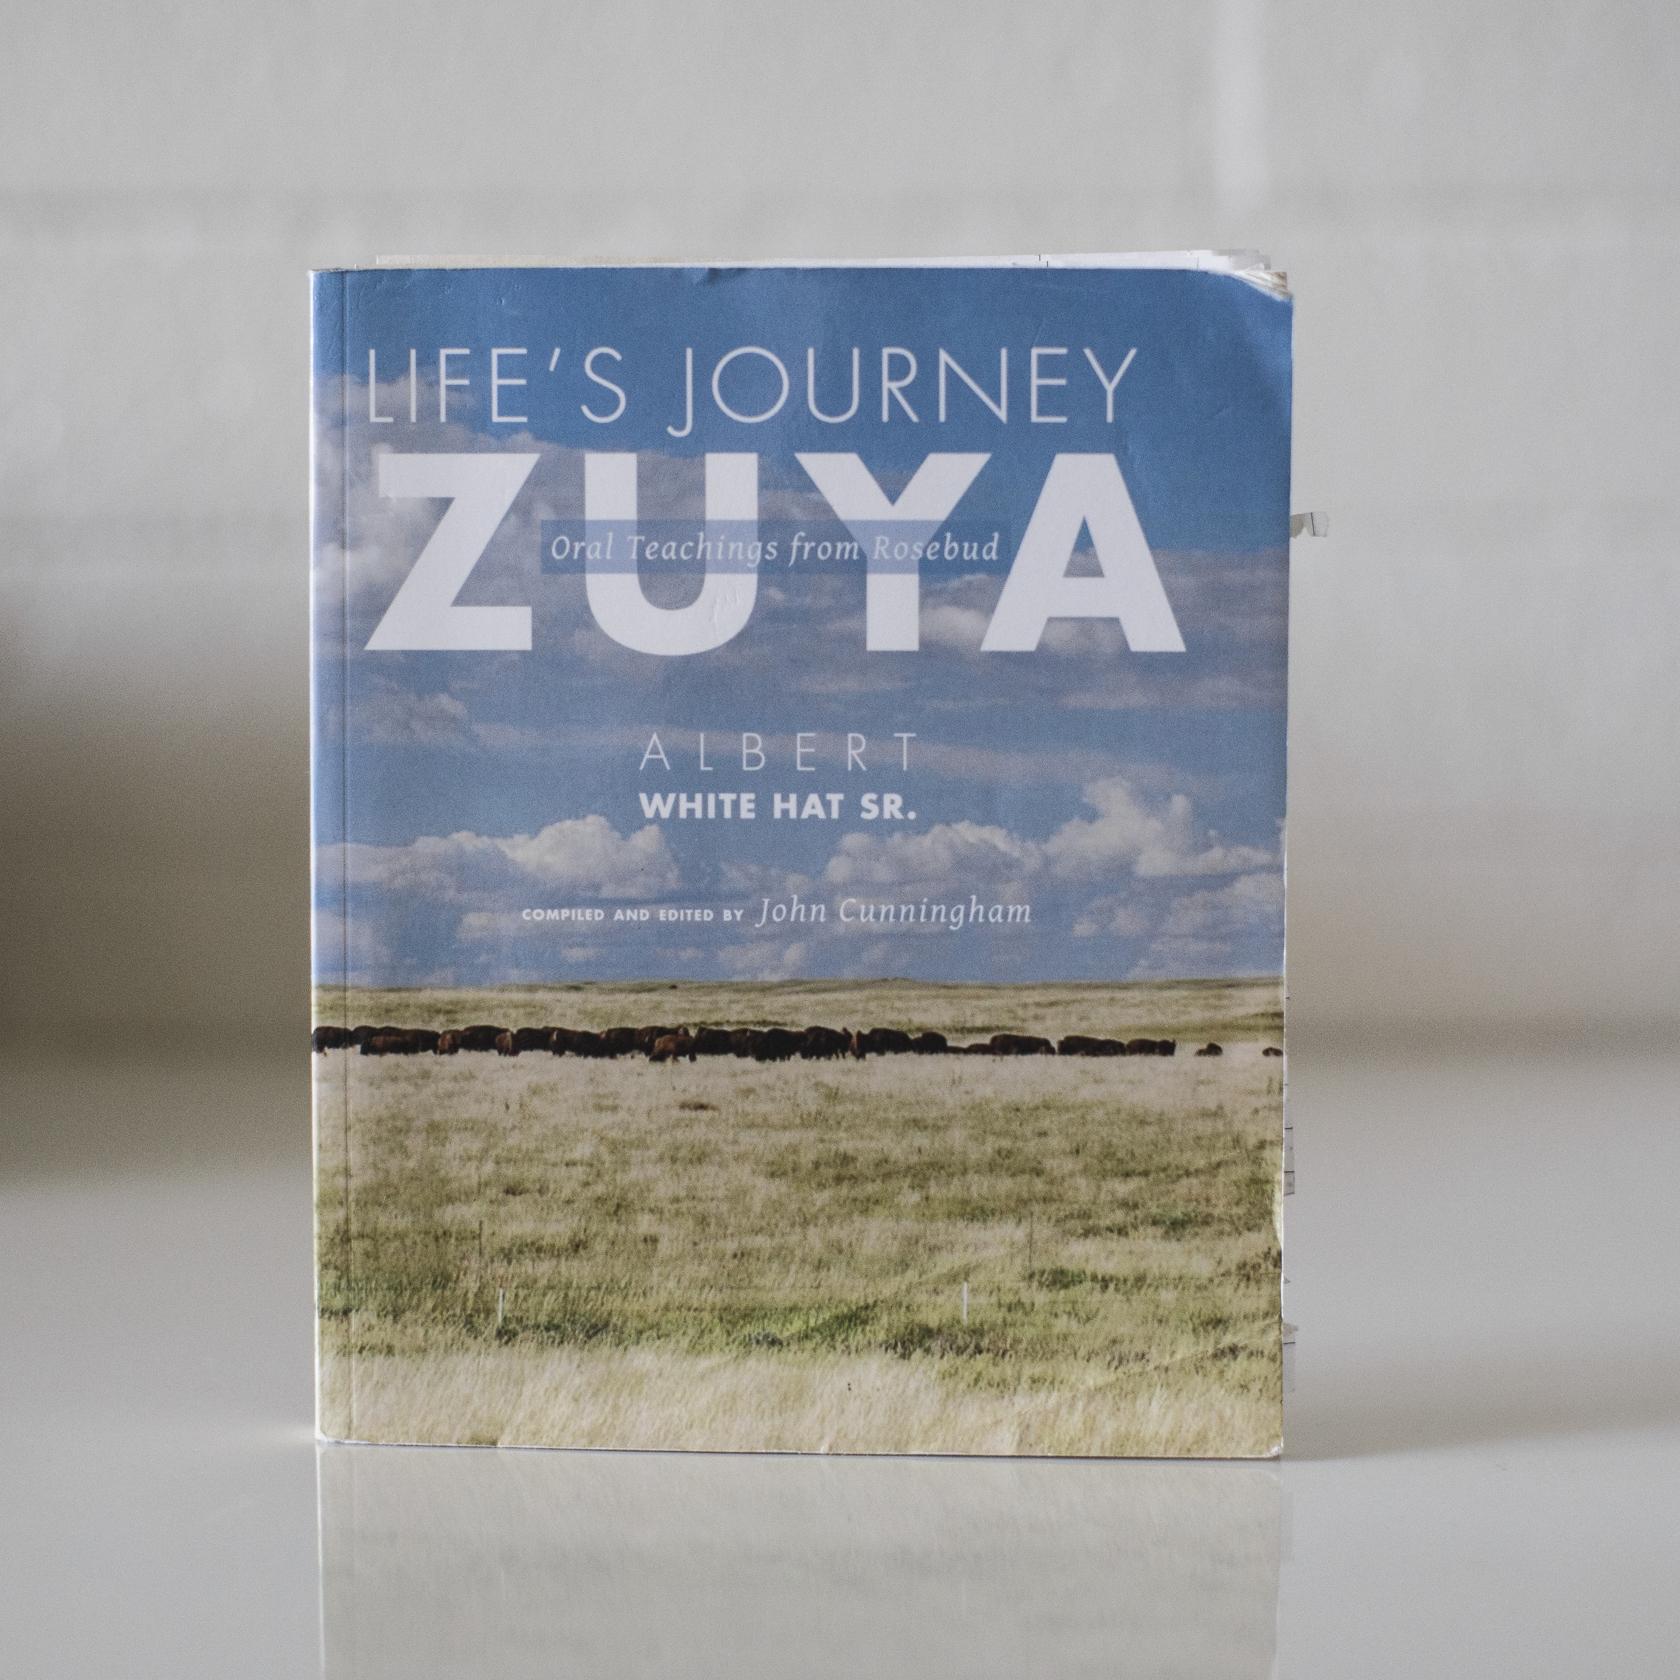 Life's Journey: Zuya